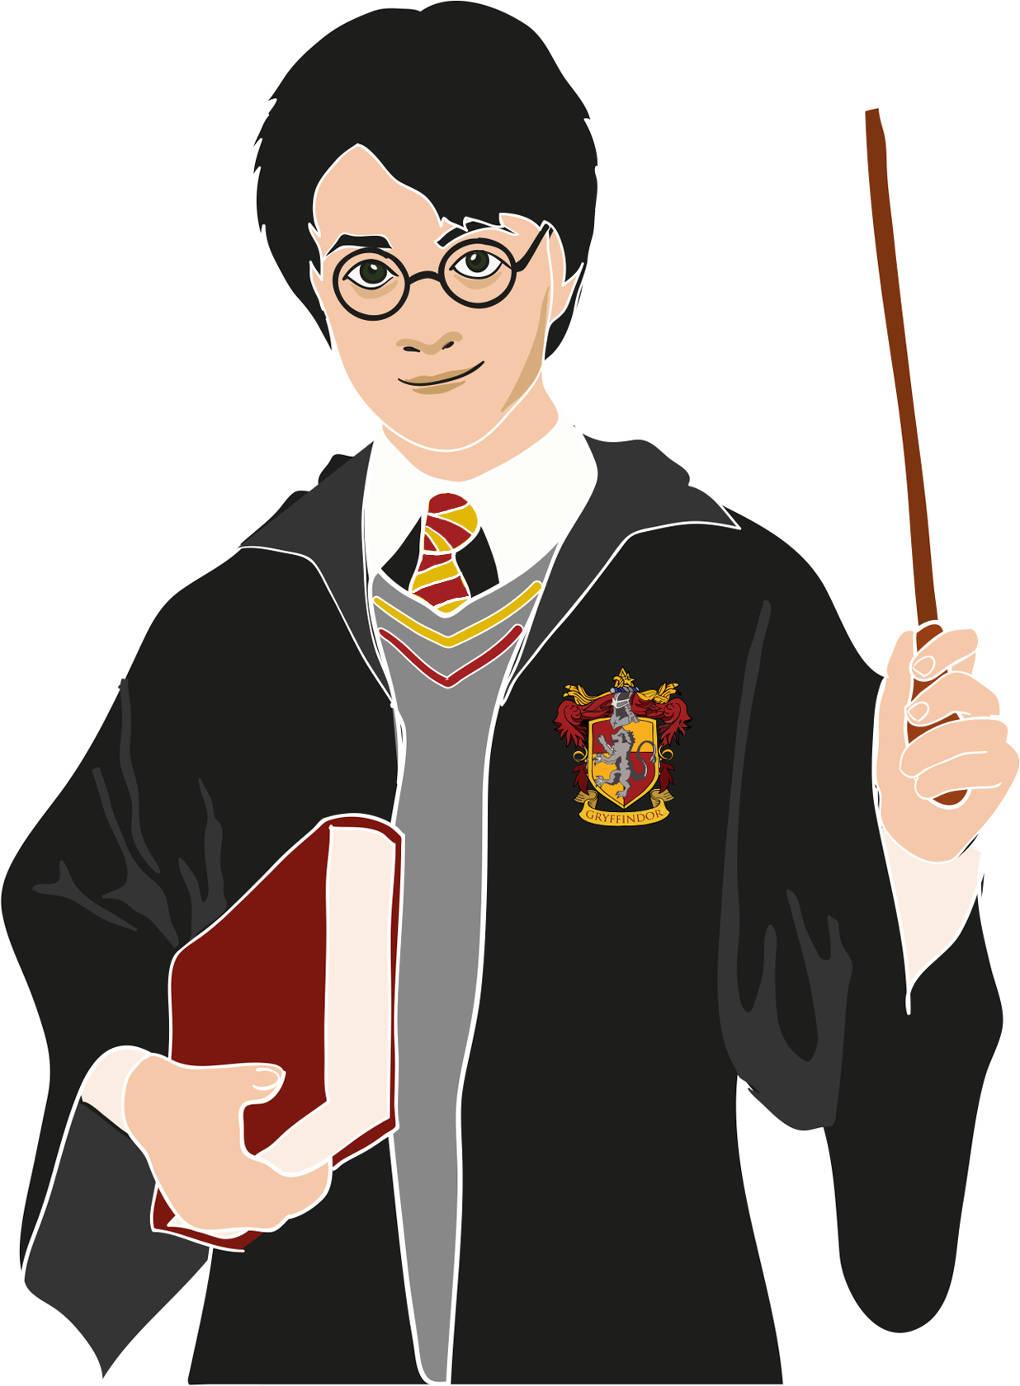 Harry_Potter.jpg